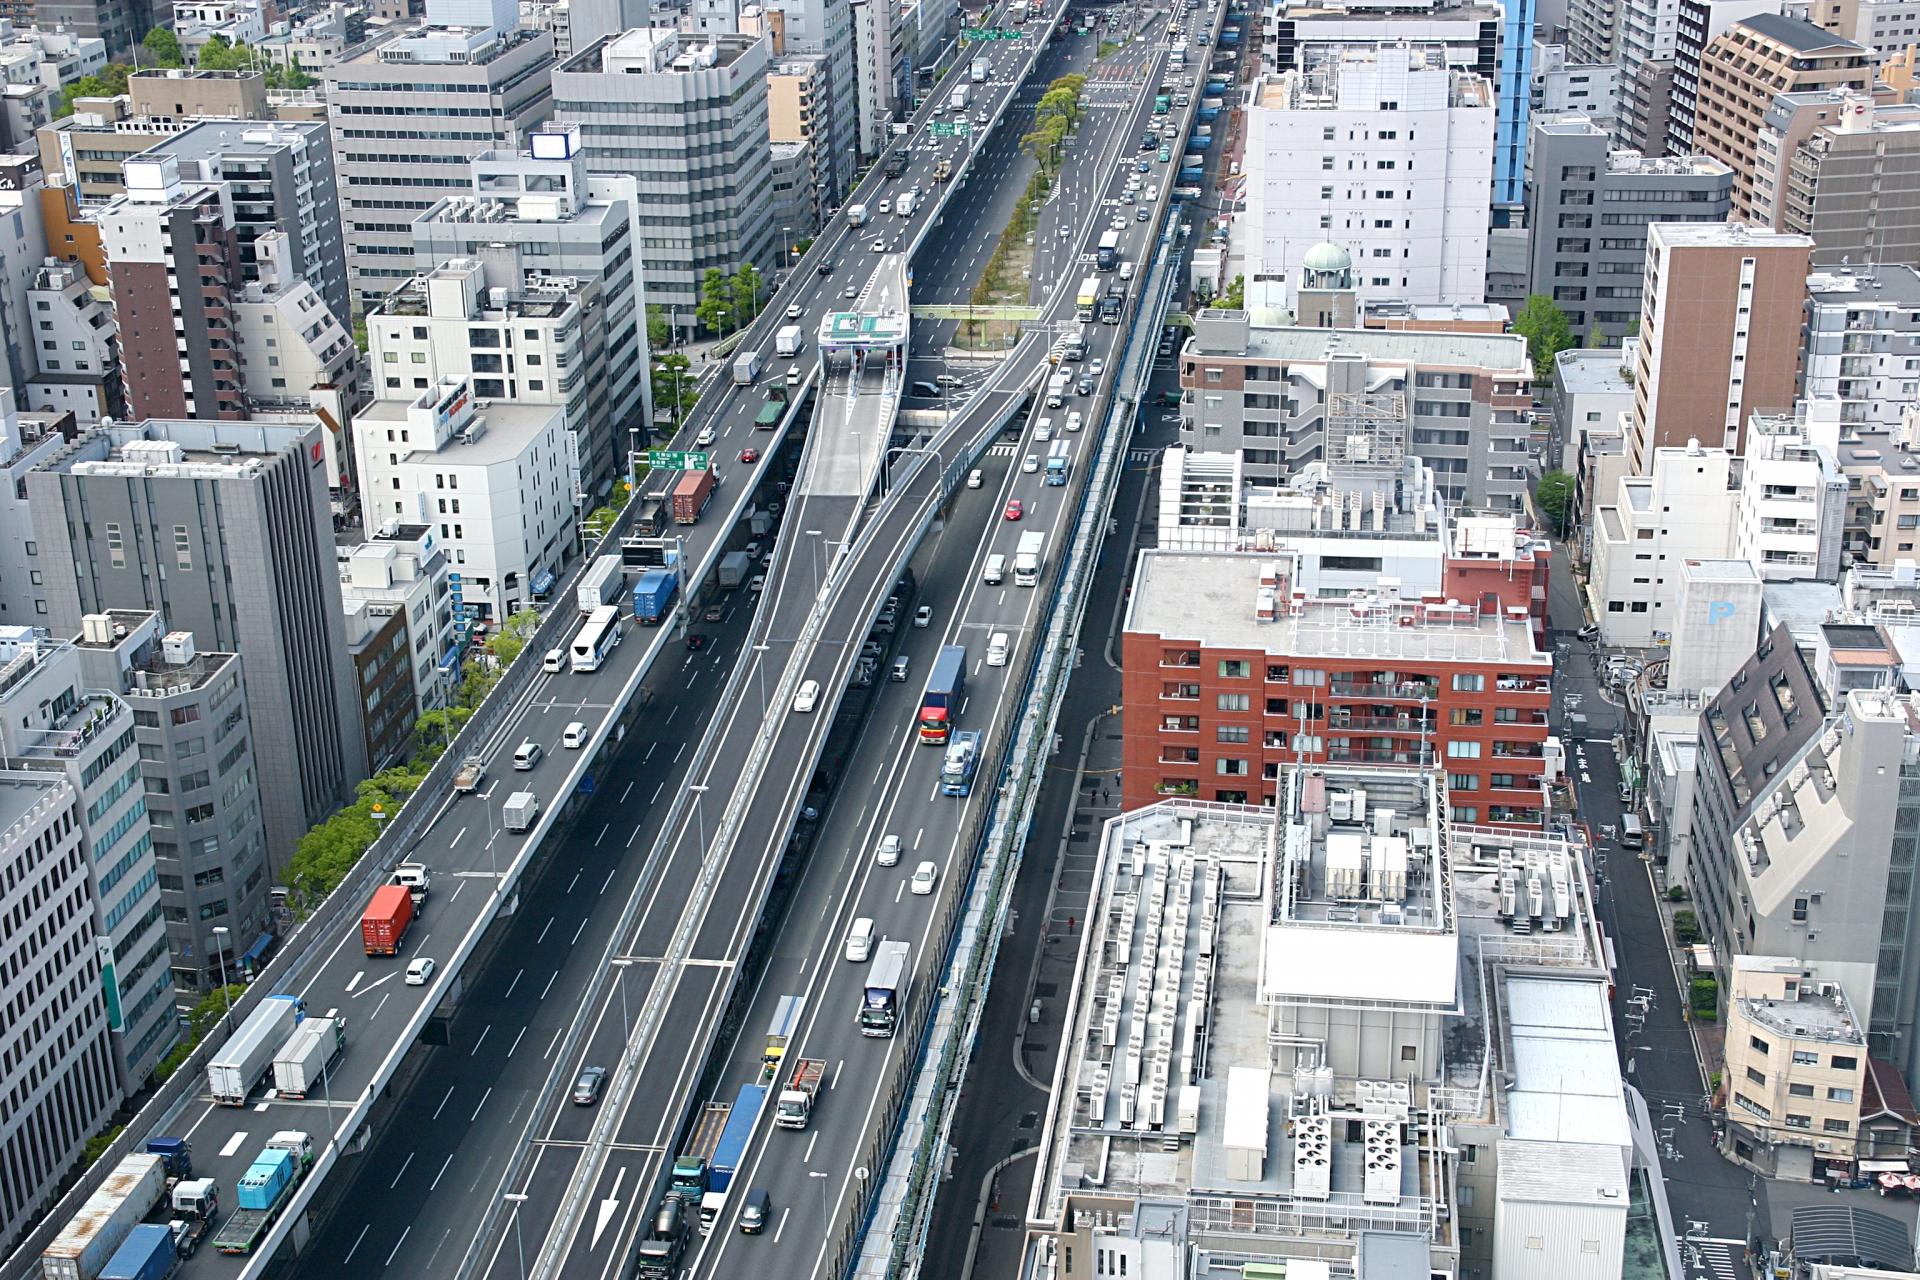 西日本高速道路のライブカメラや道路情報